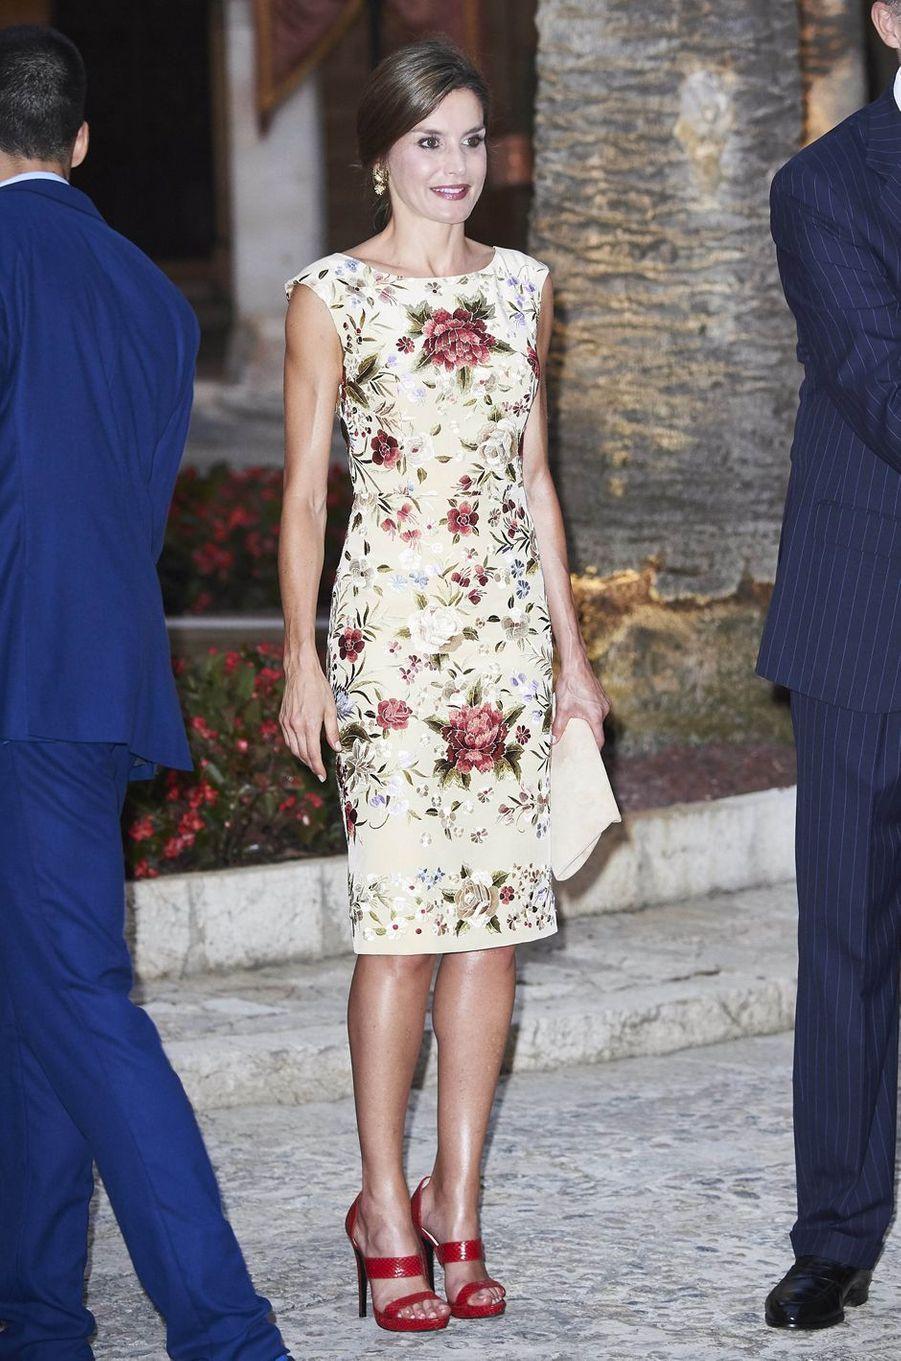 La reine Letizia d'Espagne dans une robe inspirée des châles de Manille à Palma de Majorque, le 4 août 2017